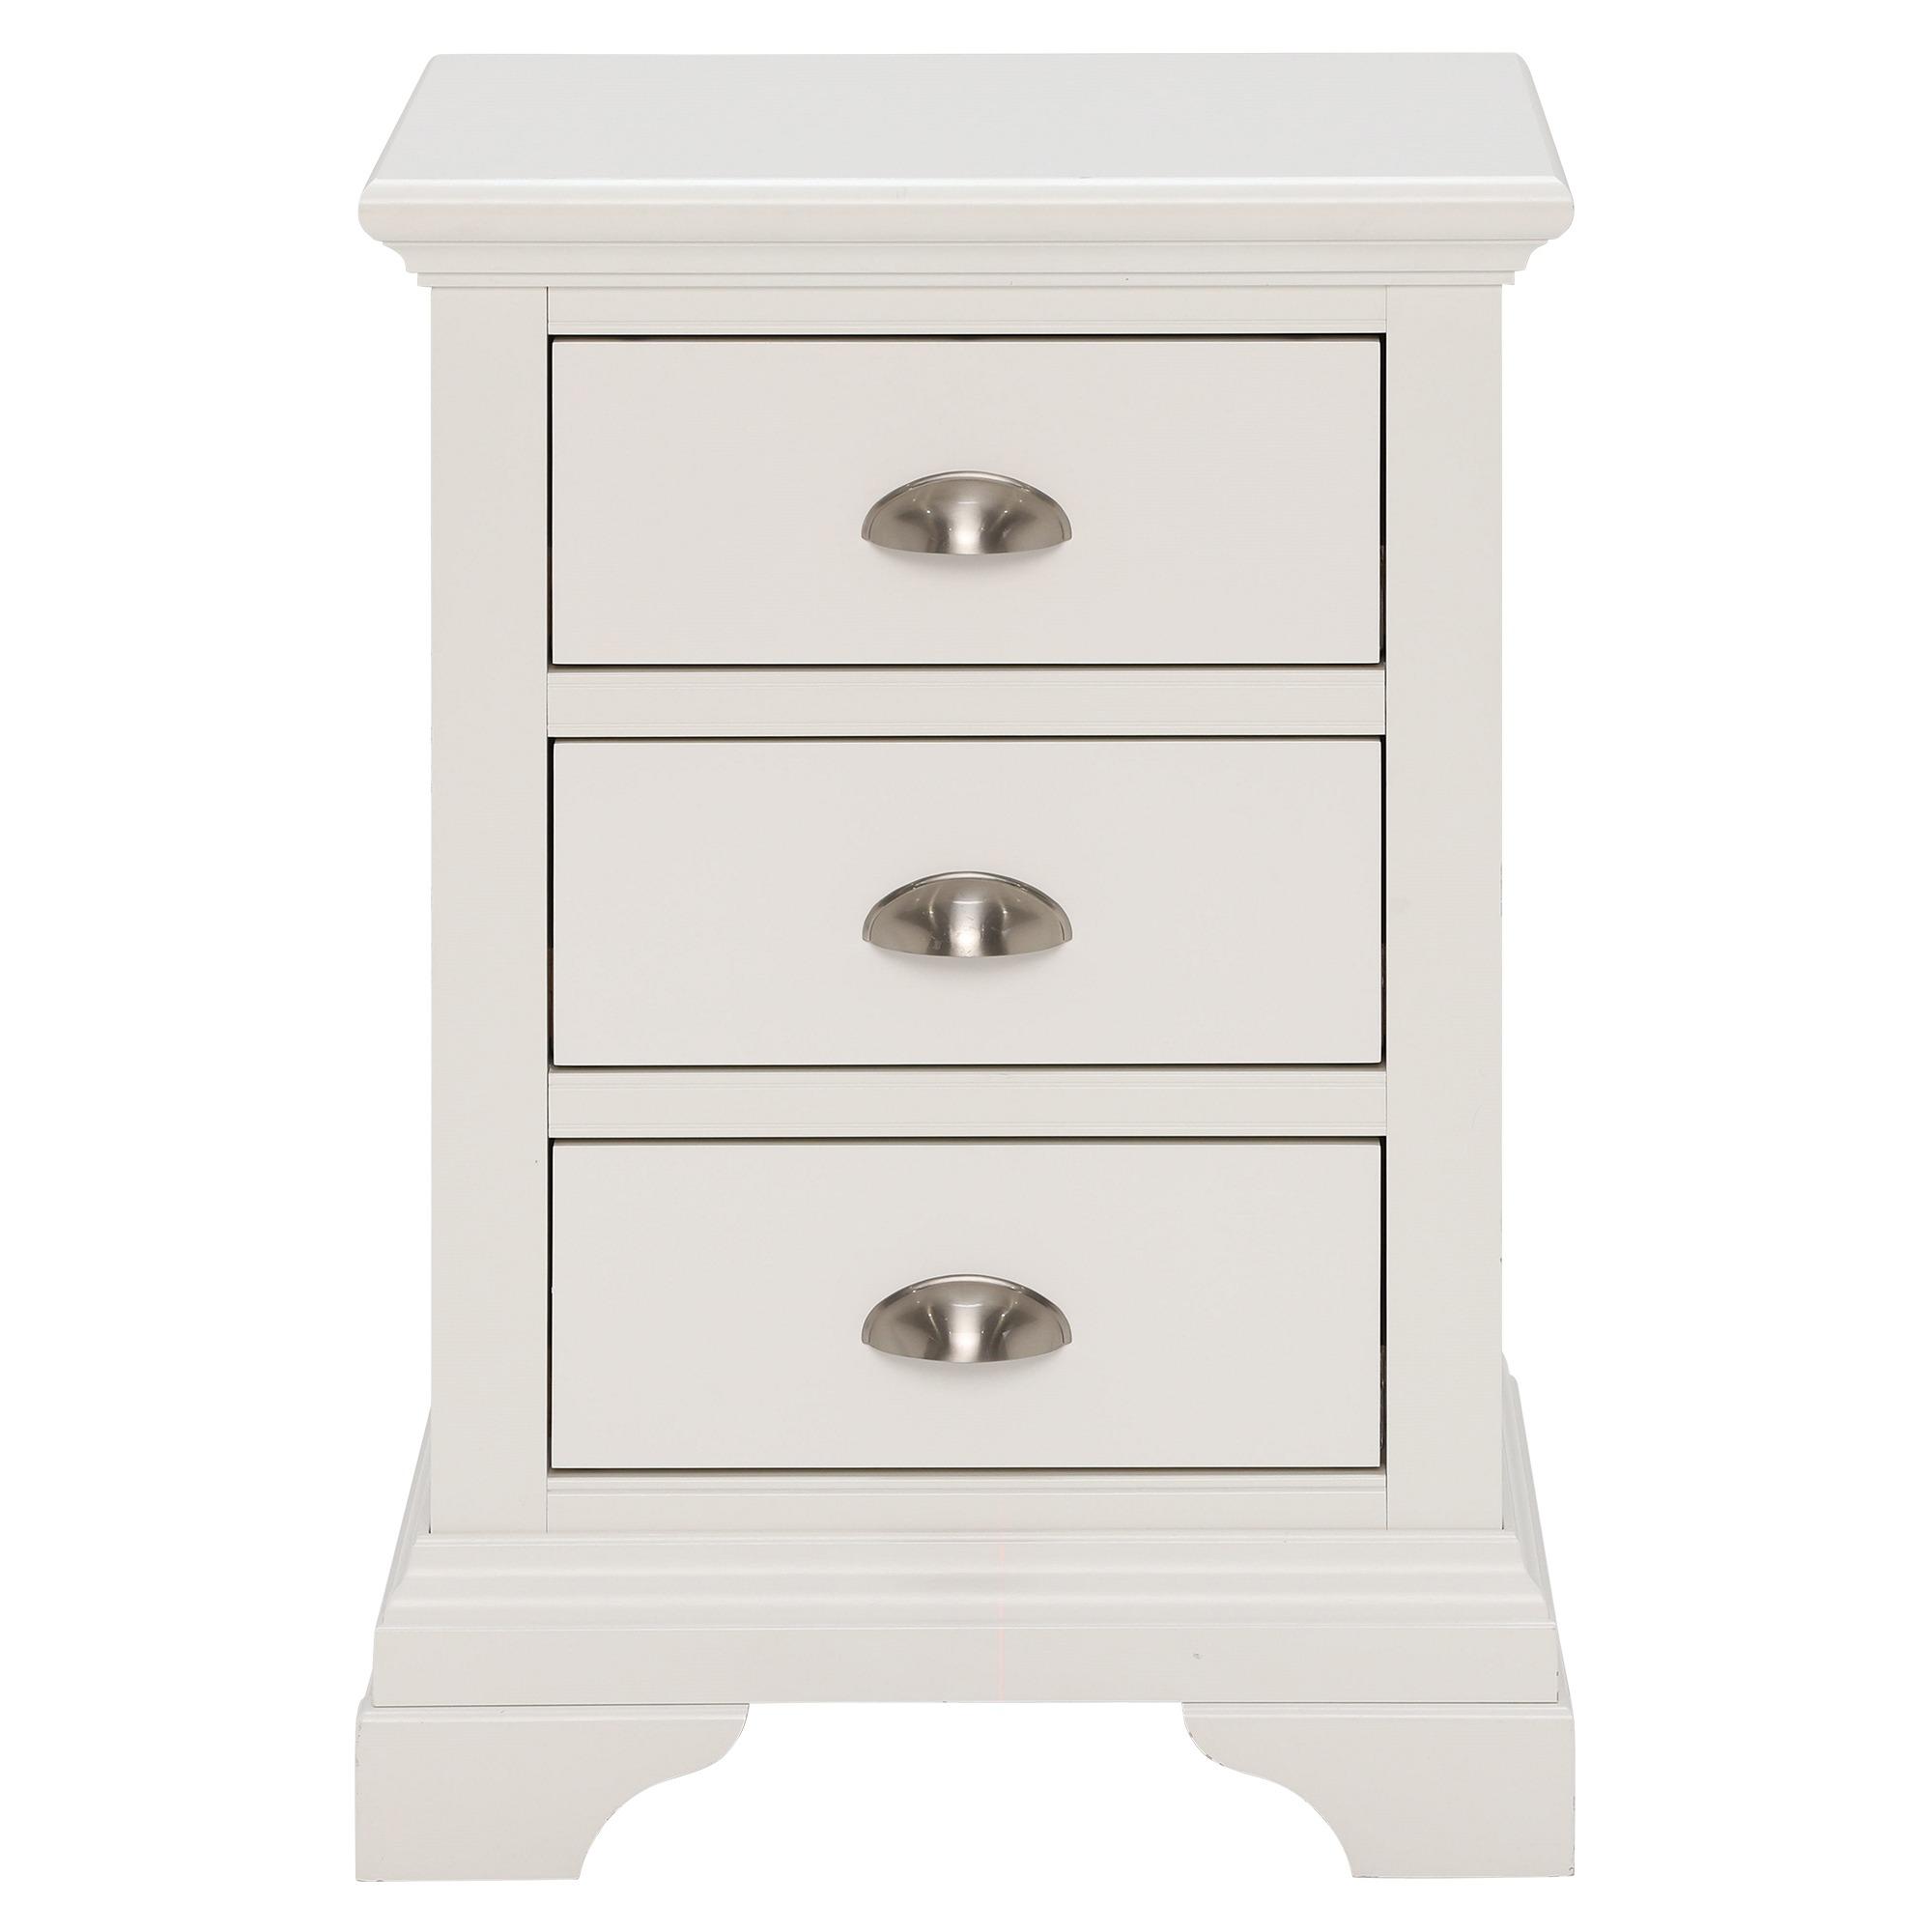 KYRA WHITE 3DR BEDSIDE - FRONT DETAIL - L46cm x D42cm x H67cm